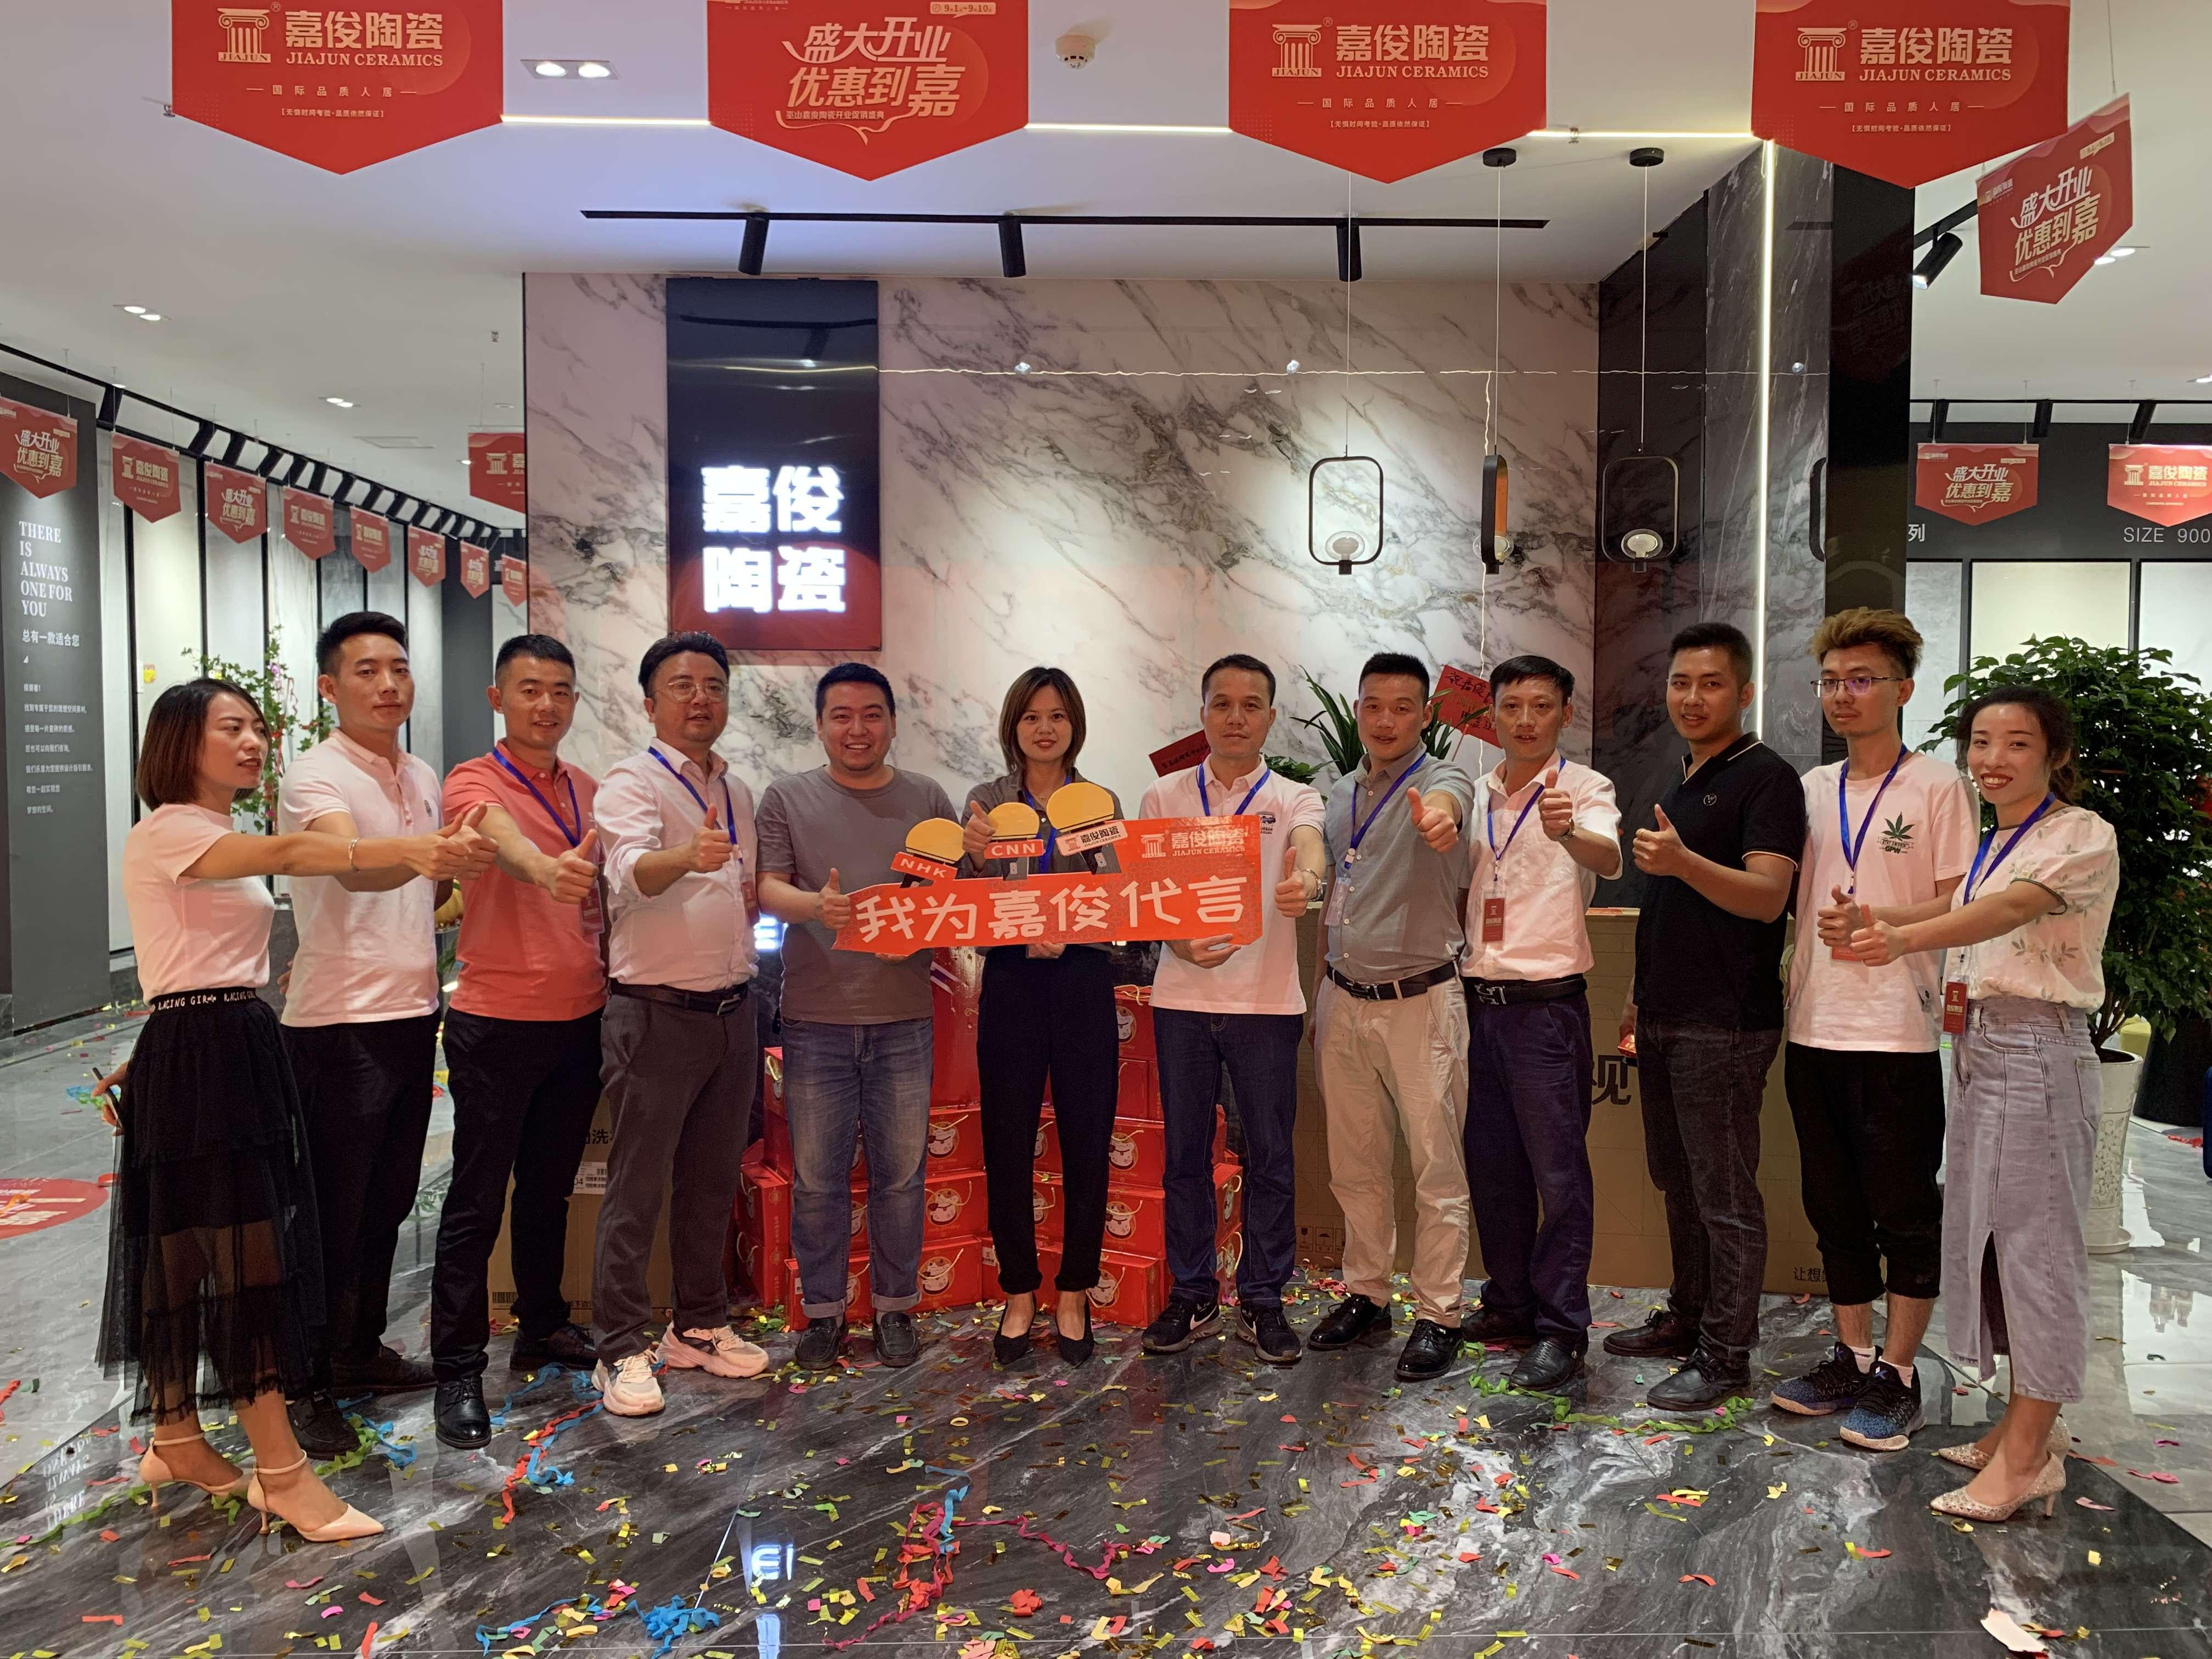 喜讯丨188betapp官网陶瓷重庆巫山专卖店盛大开业!